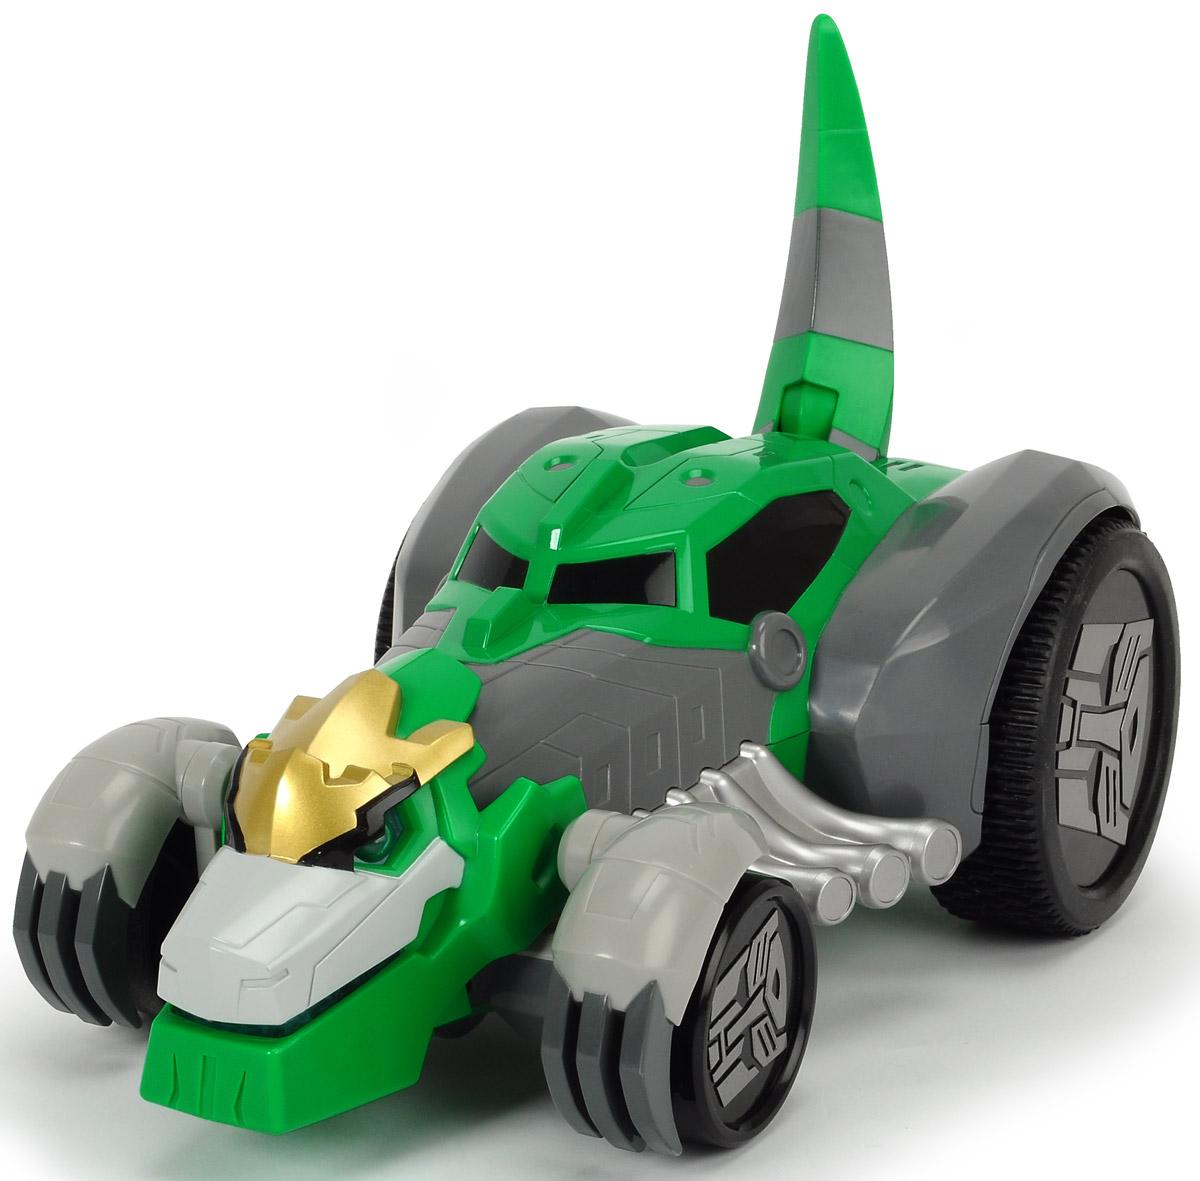 Dickie Toys Машина-трансформер на радиоуправлении Grimlock3116000Машинка-трансформер Dickie Toys Grimlock - это необычная машинка, которая с помощью одной кнопки превращается в трансформера- динозавра Grimlock из мультфильма Трансформеры. Роботы под прикрытием. Главной особенностью персонажа этого популярного мультфильма по имени Гримлок была его трансформация из огромного динозавра в быстрый гоночный автомобиль, который не давал противнику шансов, уйти от погони. Теперь это настоящий боевой трансформер, который может ездить на задних колесах вперед и назад, налево и направо. Машинка имеет режим турбо, в котором достигает скорости до 8 км/ч. Пульт управления имеет световые и звуковые эффекты, а так же складывается и раскладывается. Время работы аккумулятора 30 минут, а время полной зарядки аккумулятора 120 минут. Машинка дополнена вращающимися колесами, диски которых украшены символикой трансформеров. Эта игрушка станет главным действующим лицом увлекательной игры, а ваш ребенок сможет придумать новую историю, проявив свою...